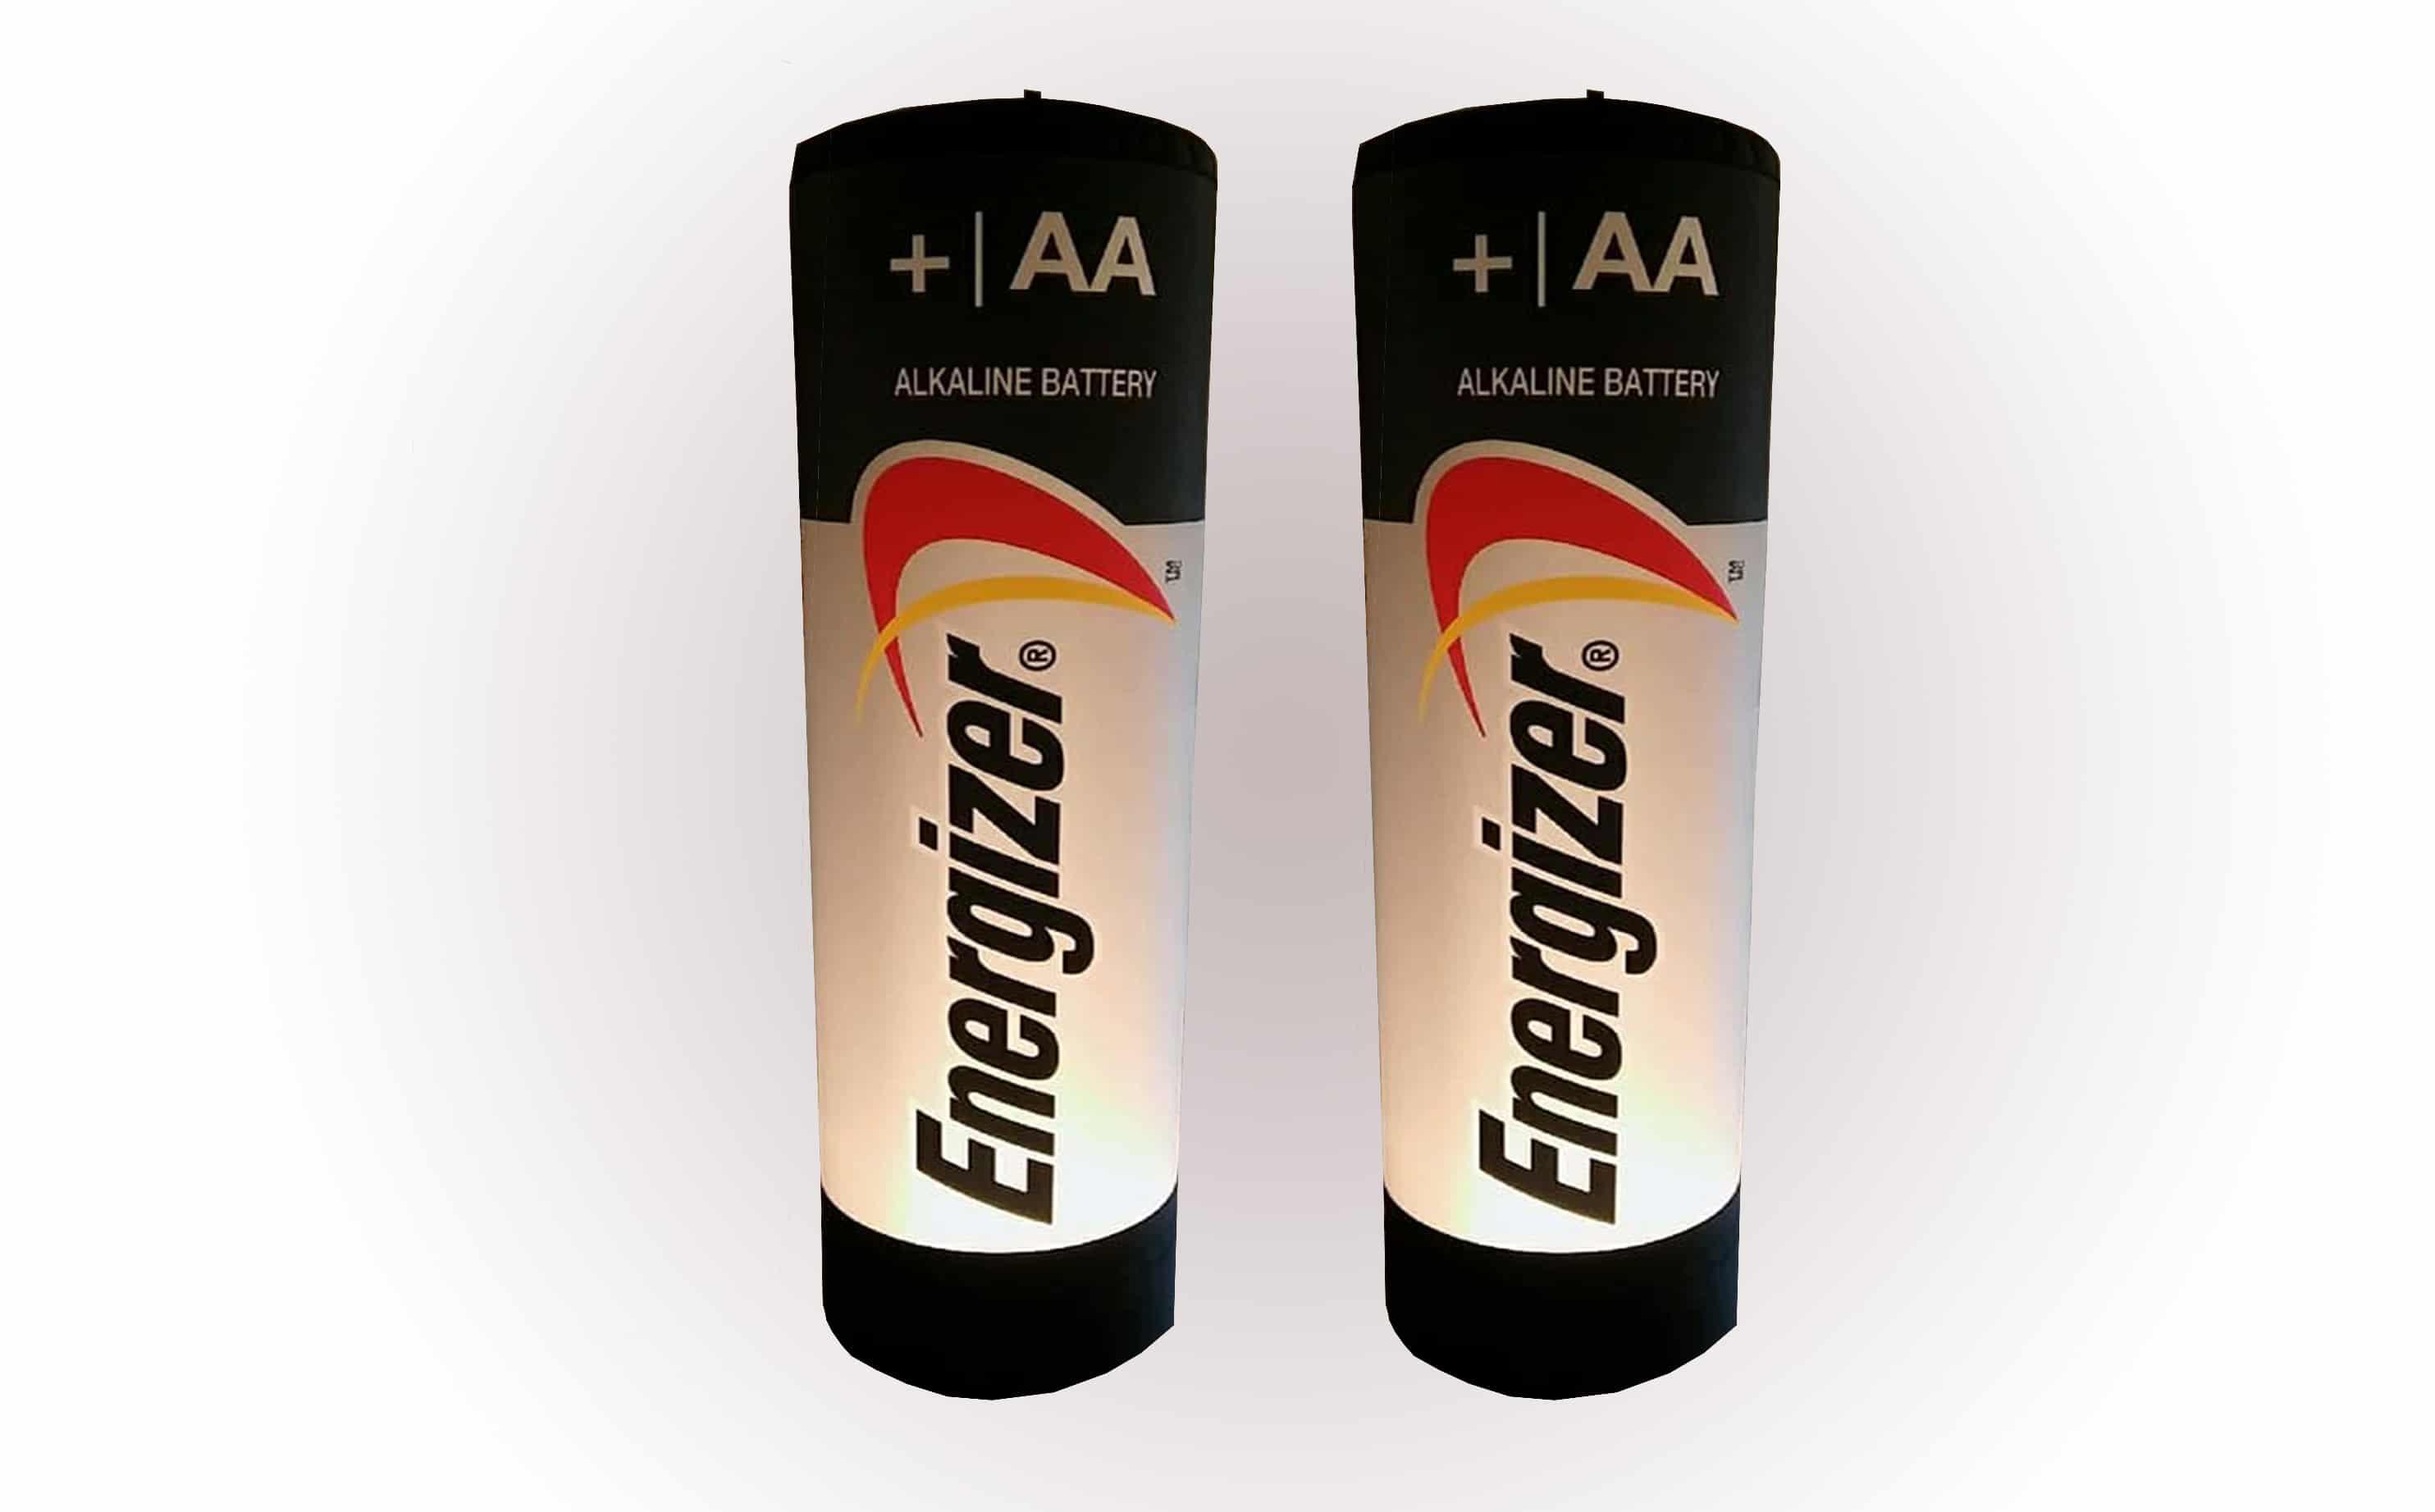 batterie-energizer-aufblasbar